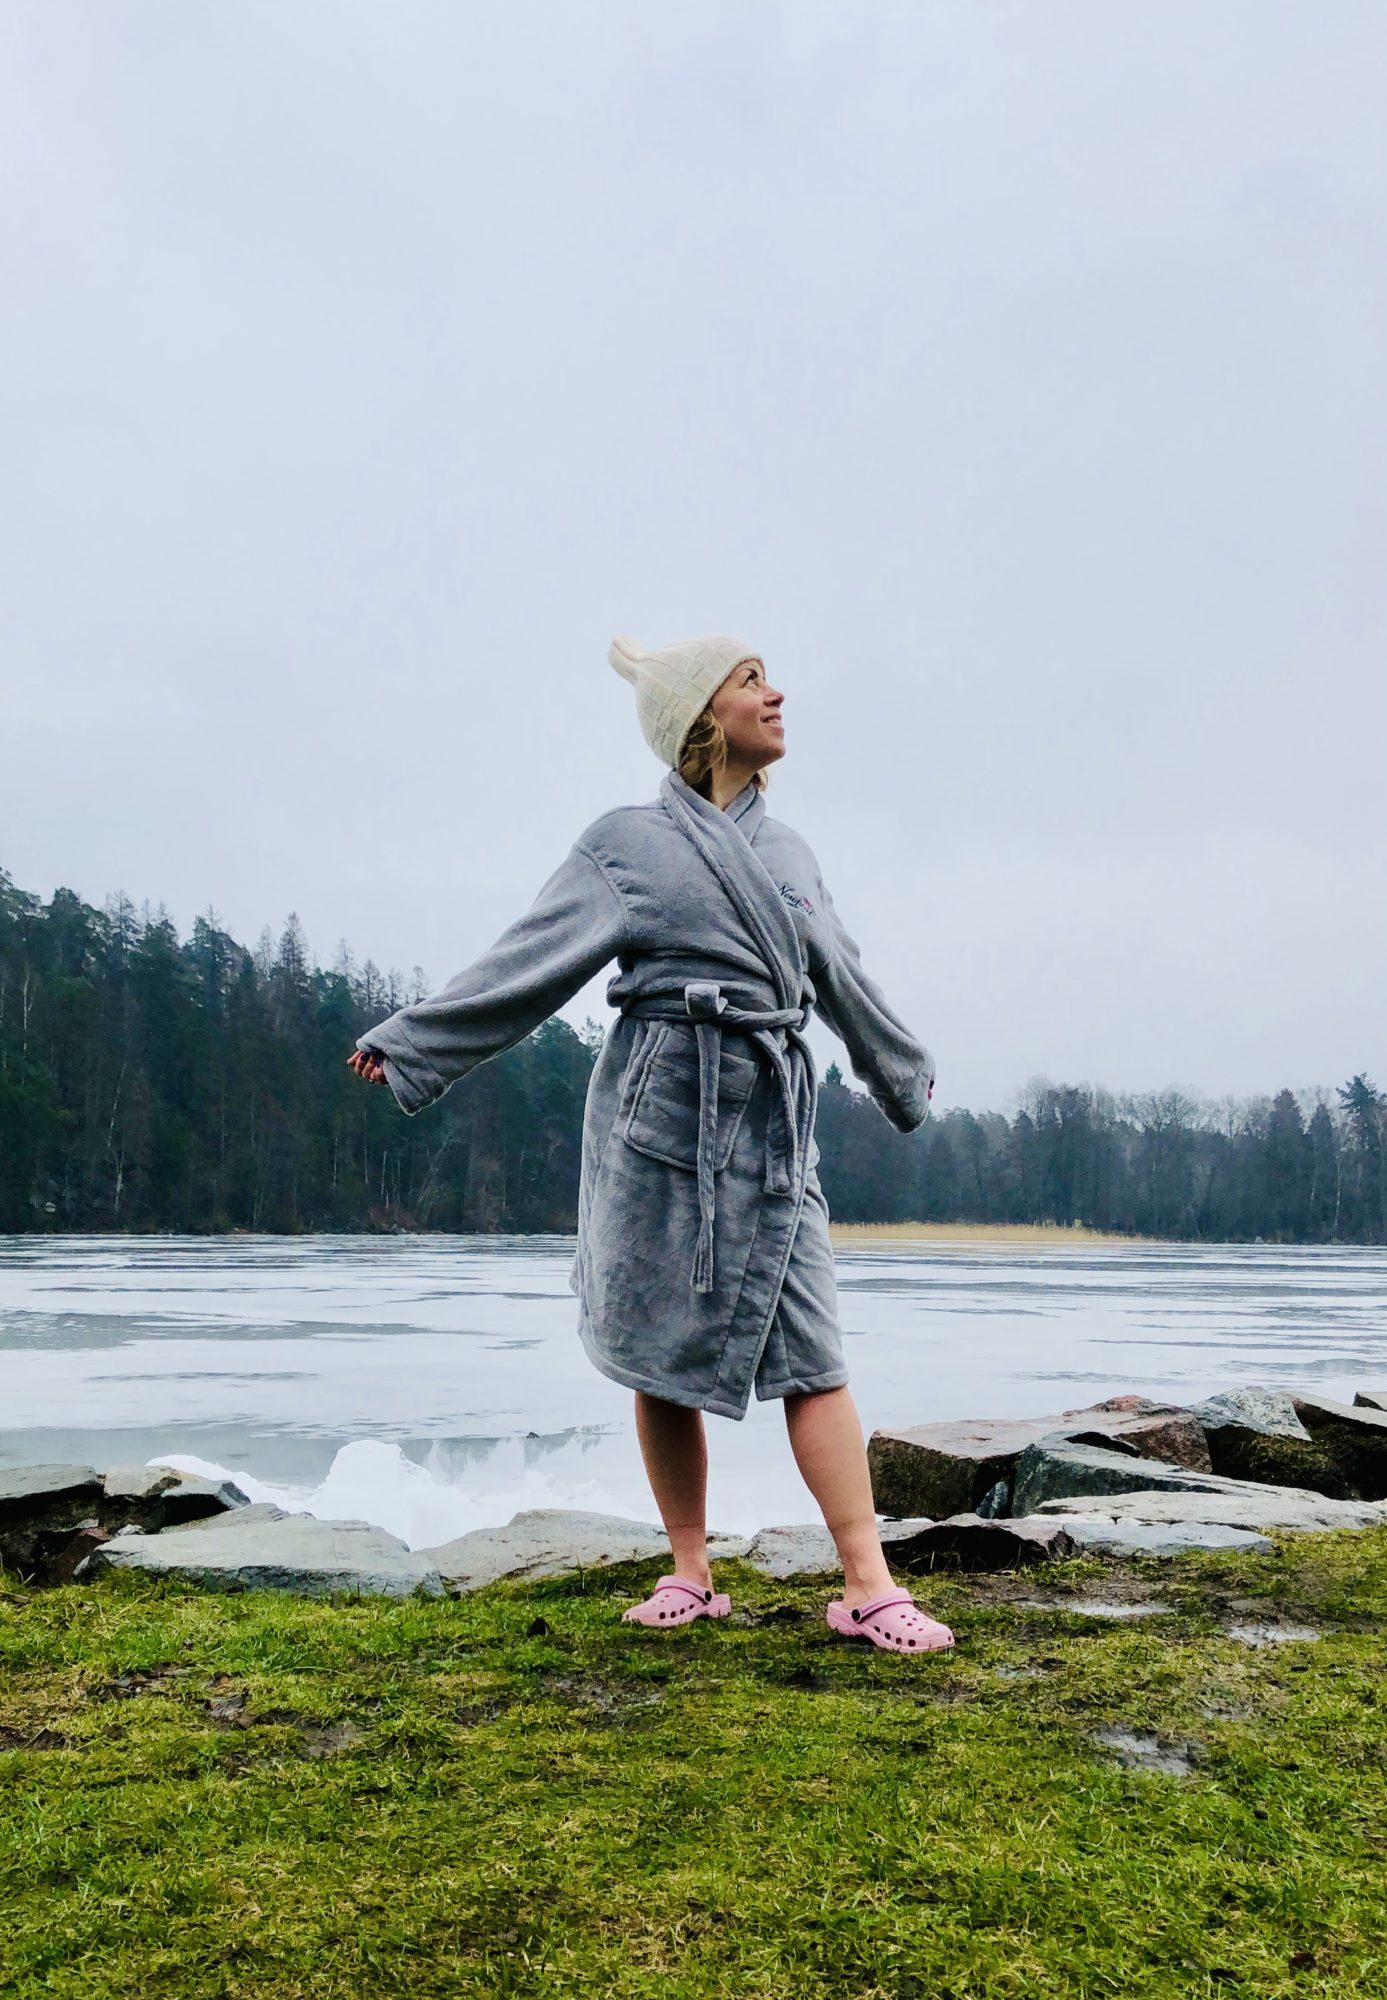 Vinterbada utan bastu - Karin Axelsson